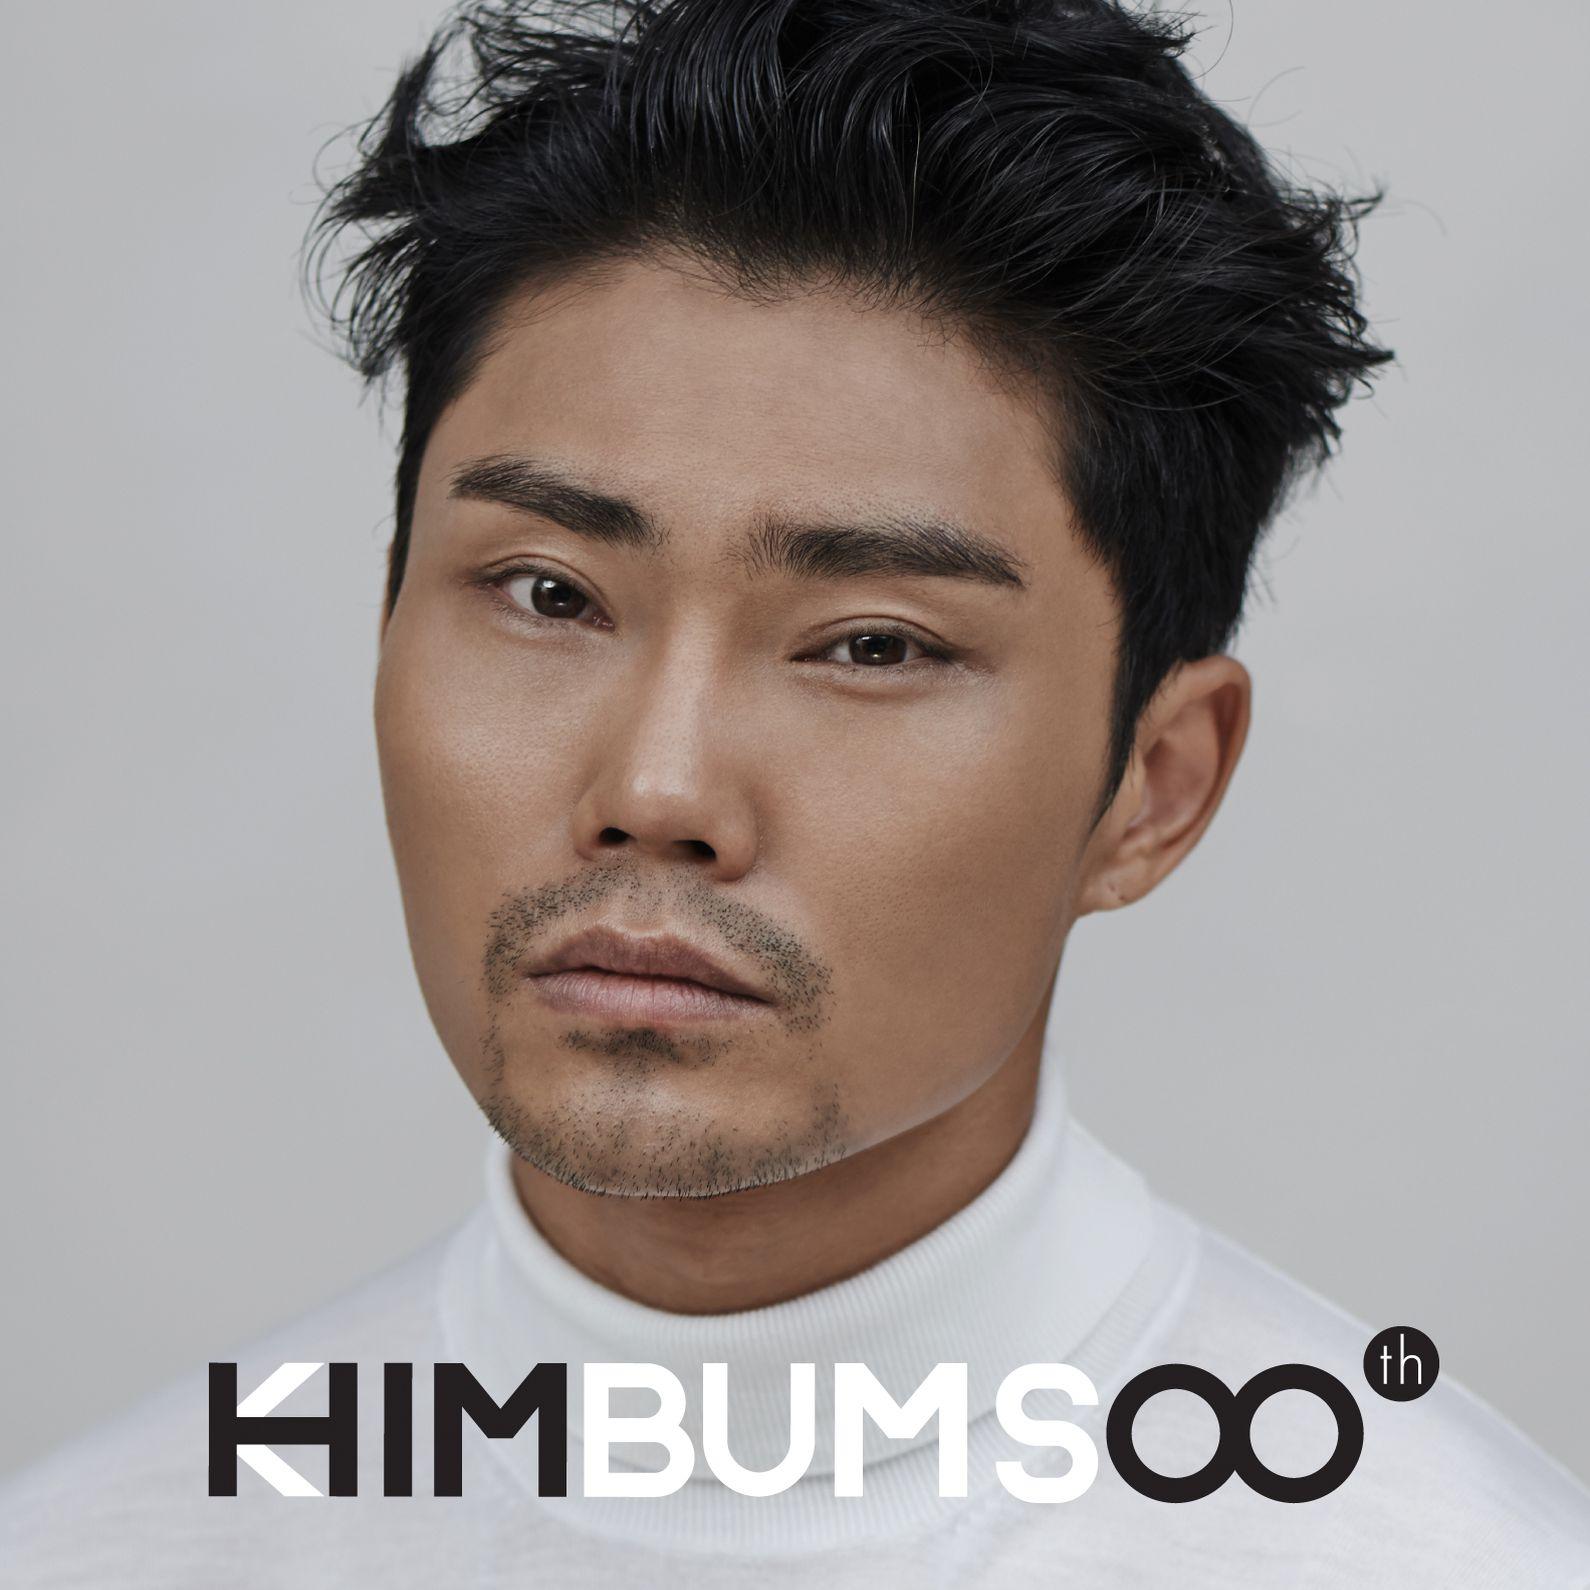 kim bum soo pierdere în greutate)